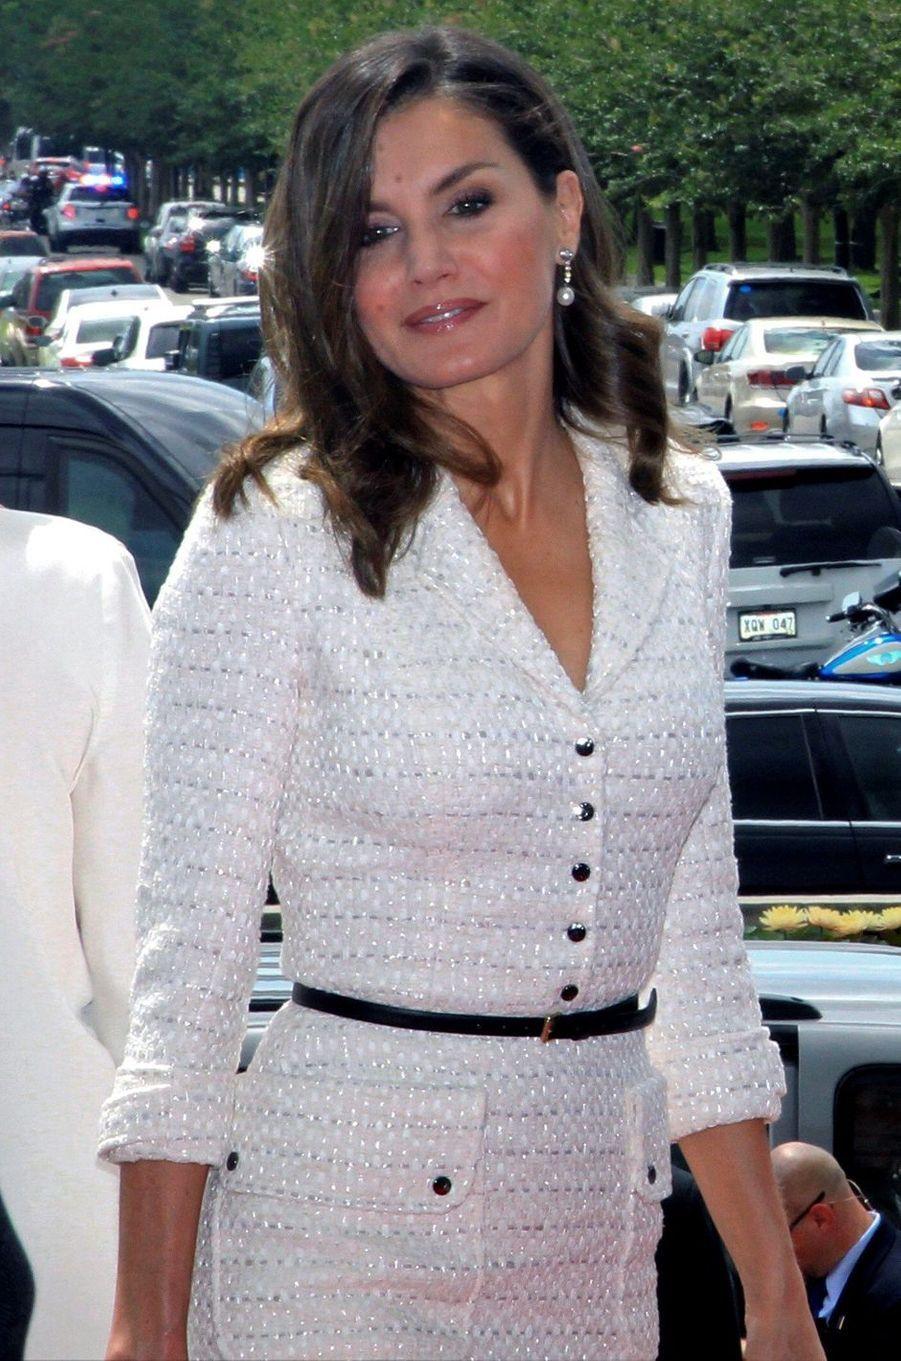 La reine Letizia d'Espagne à La Nouvelle-Orléans, le 16 juin 2018